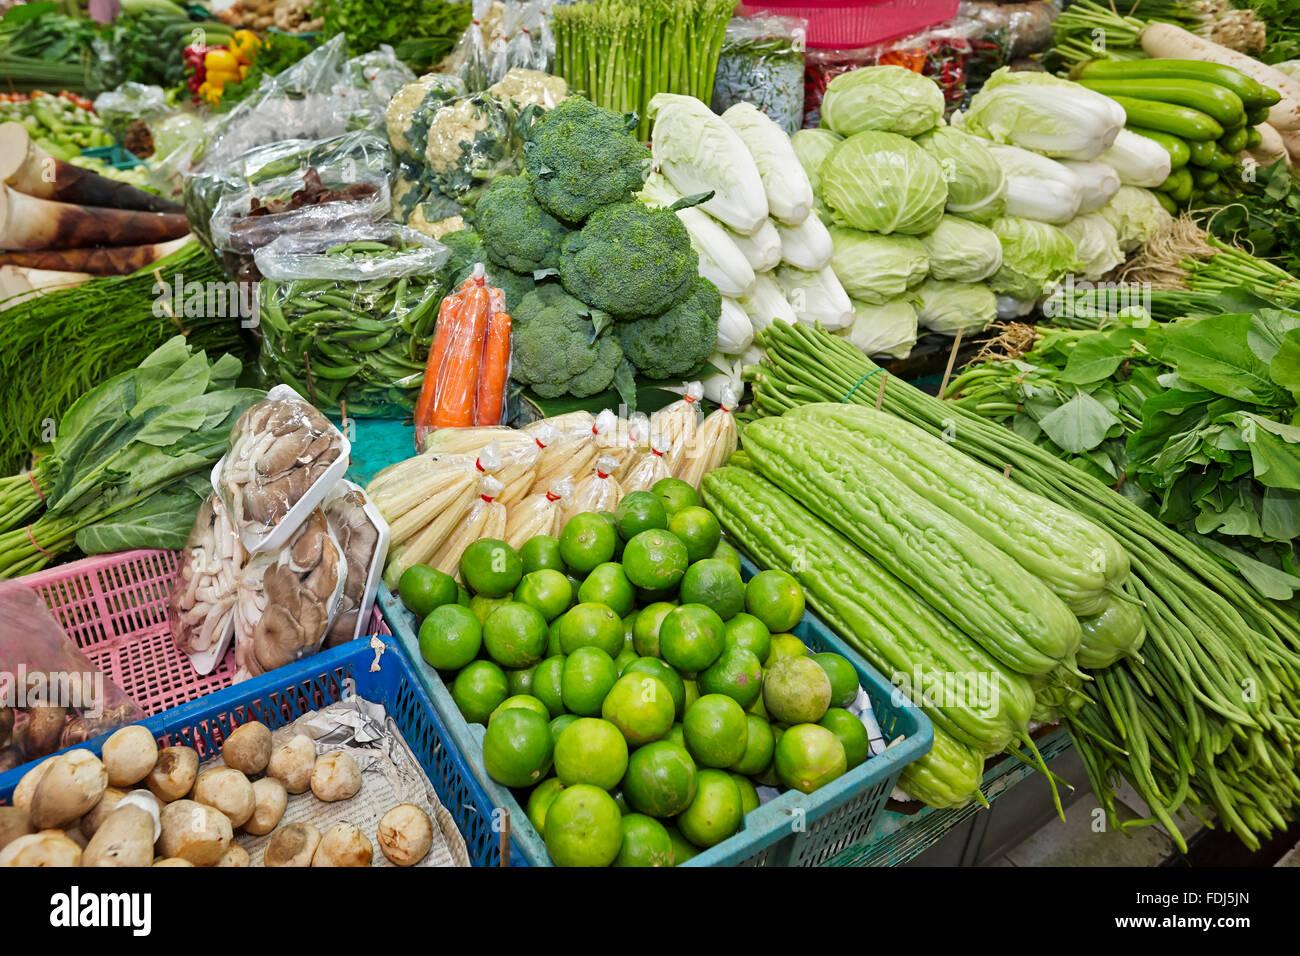 Vegetable stall at Or Tor Kor (OTK) Fresh Market. Bangkok, Thailand. - Stock Image